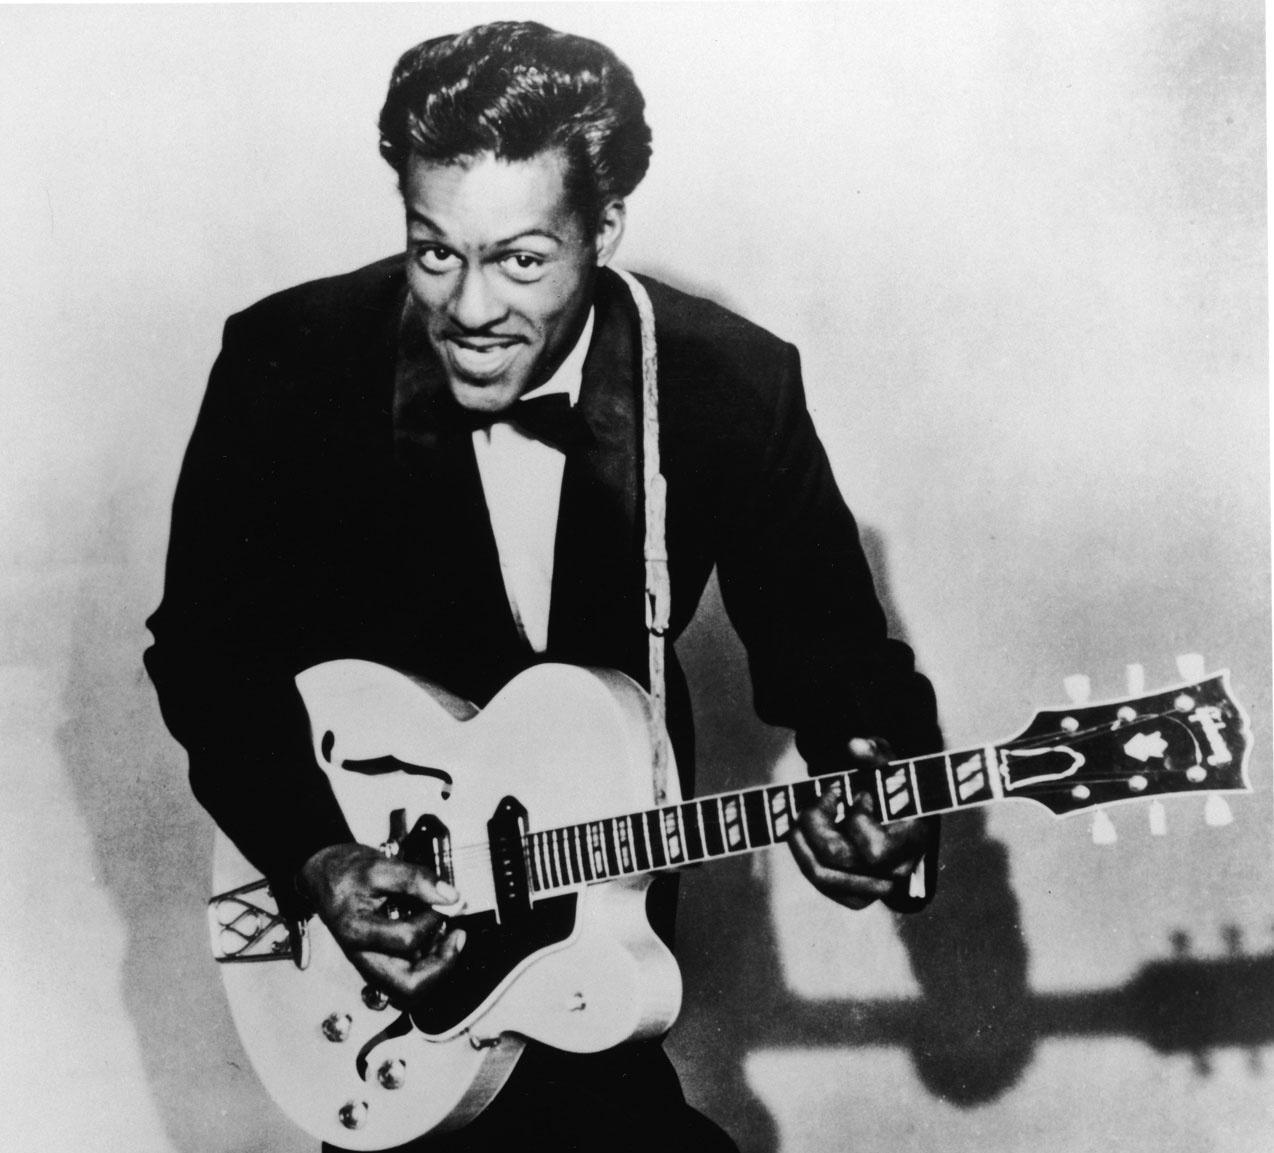 Rock Music Legend Chuck Berry Dies At 90